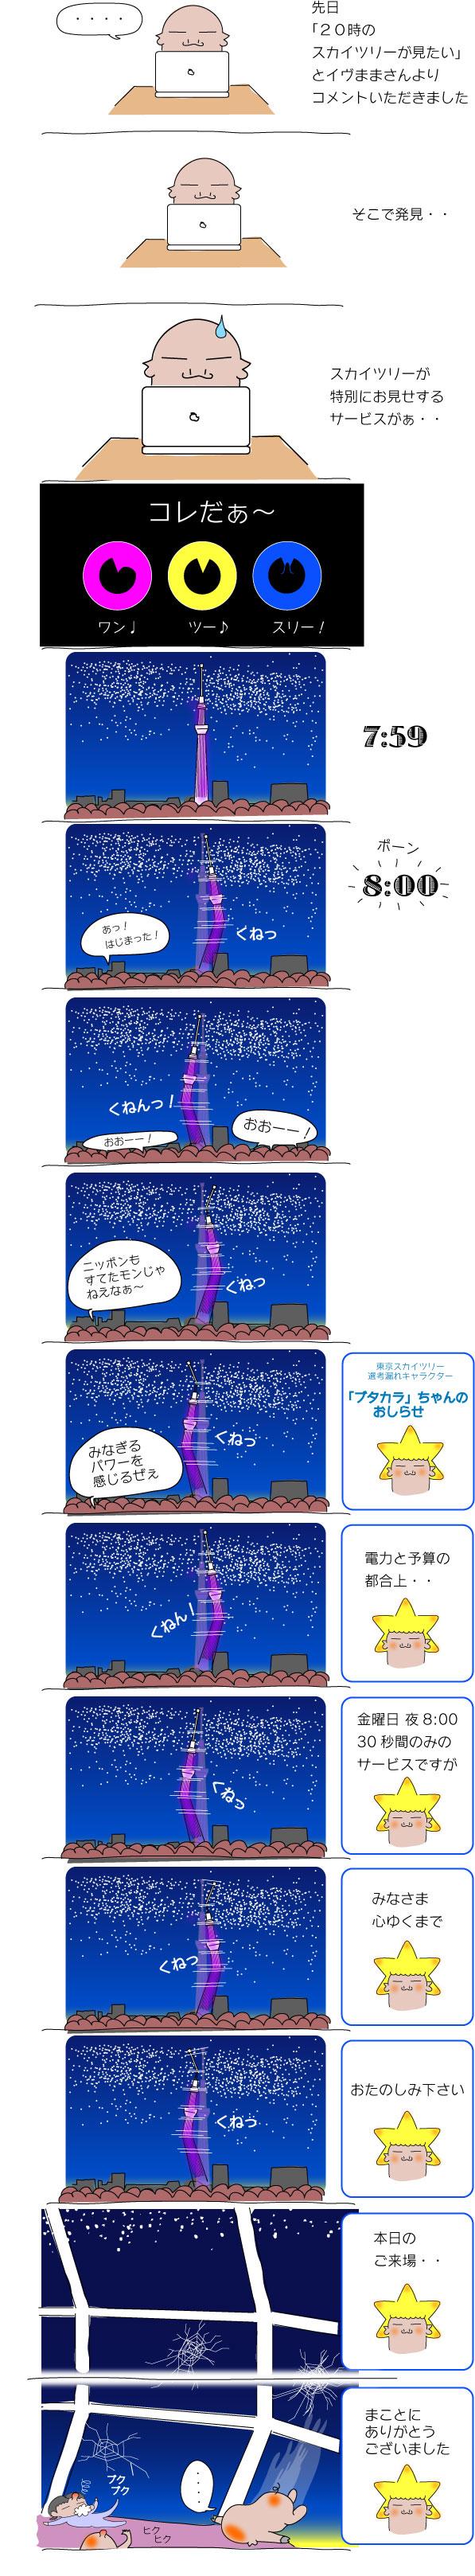 東京スカイツリー特別サービ